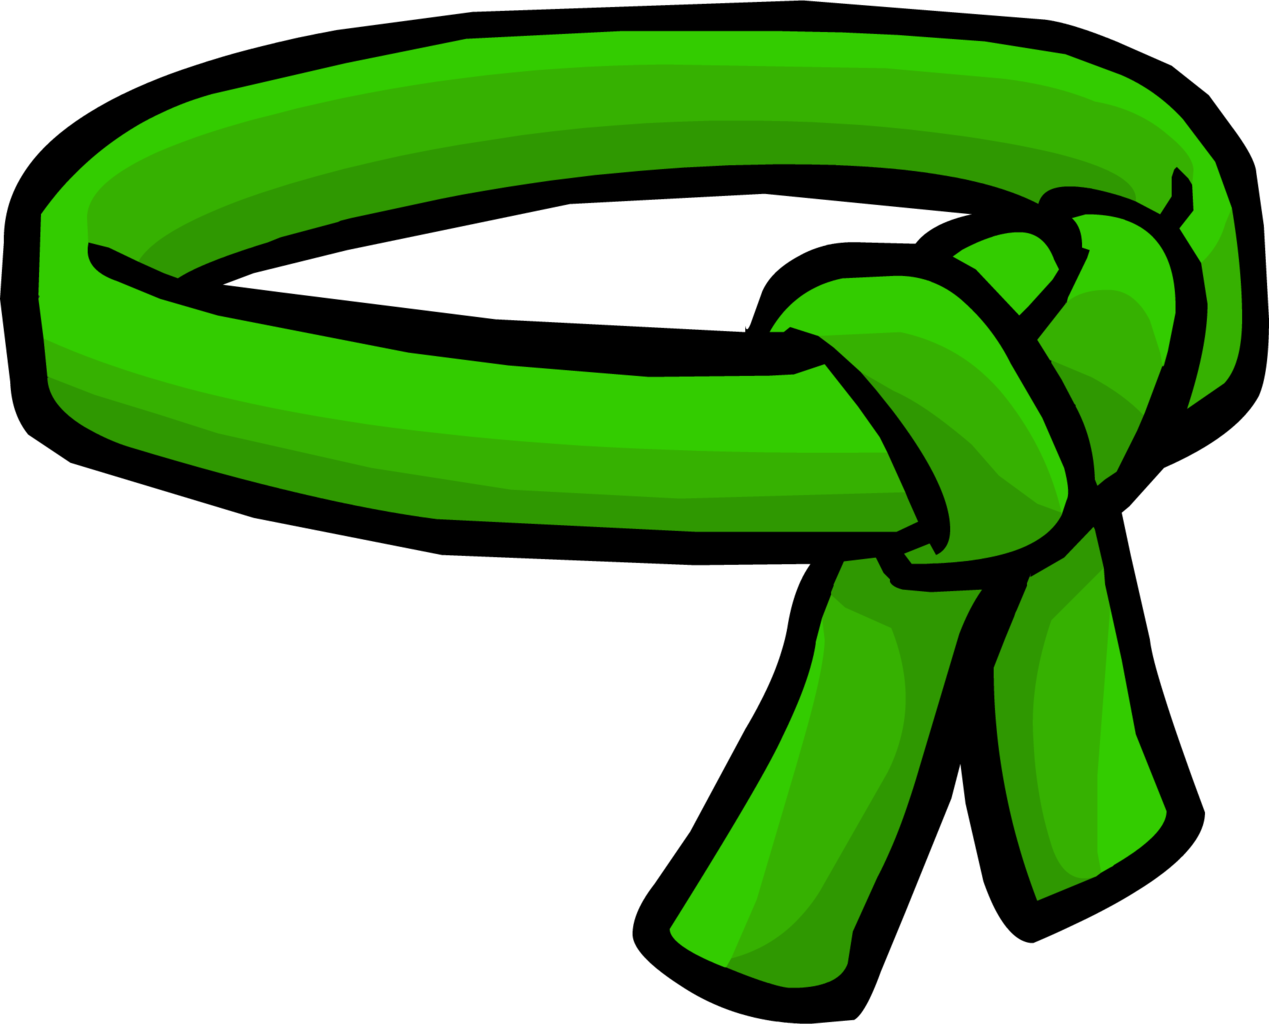 Ninja green ninja